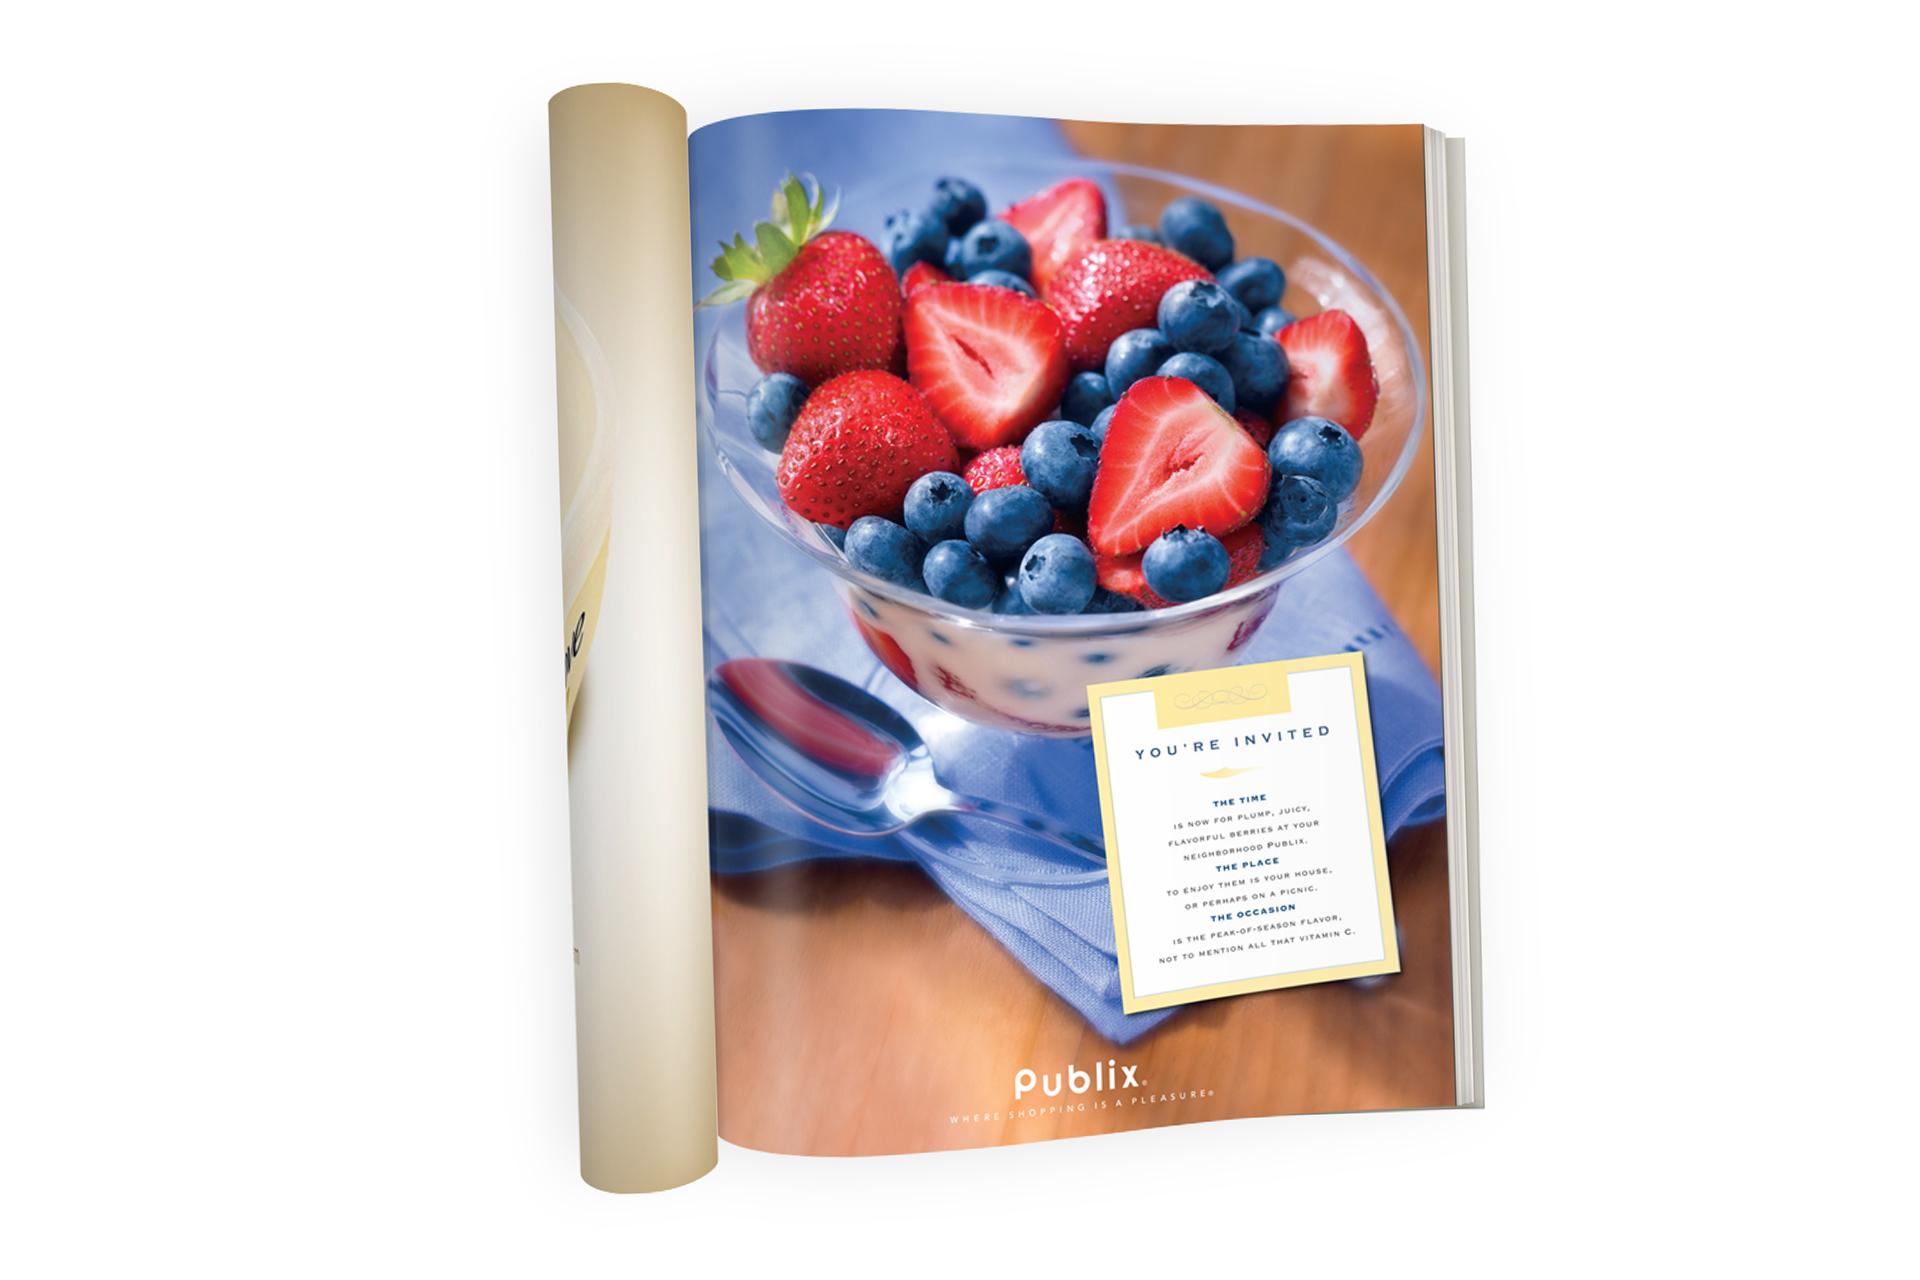 Publix berries ad